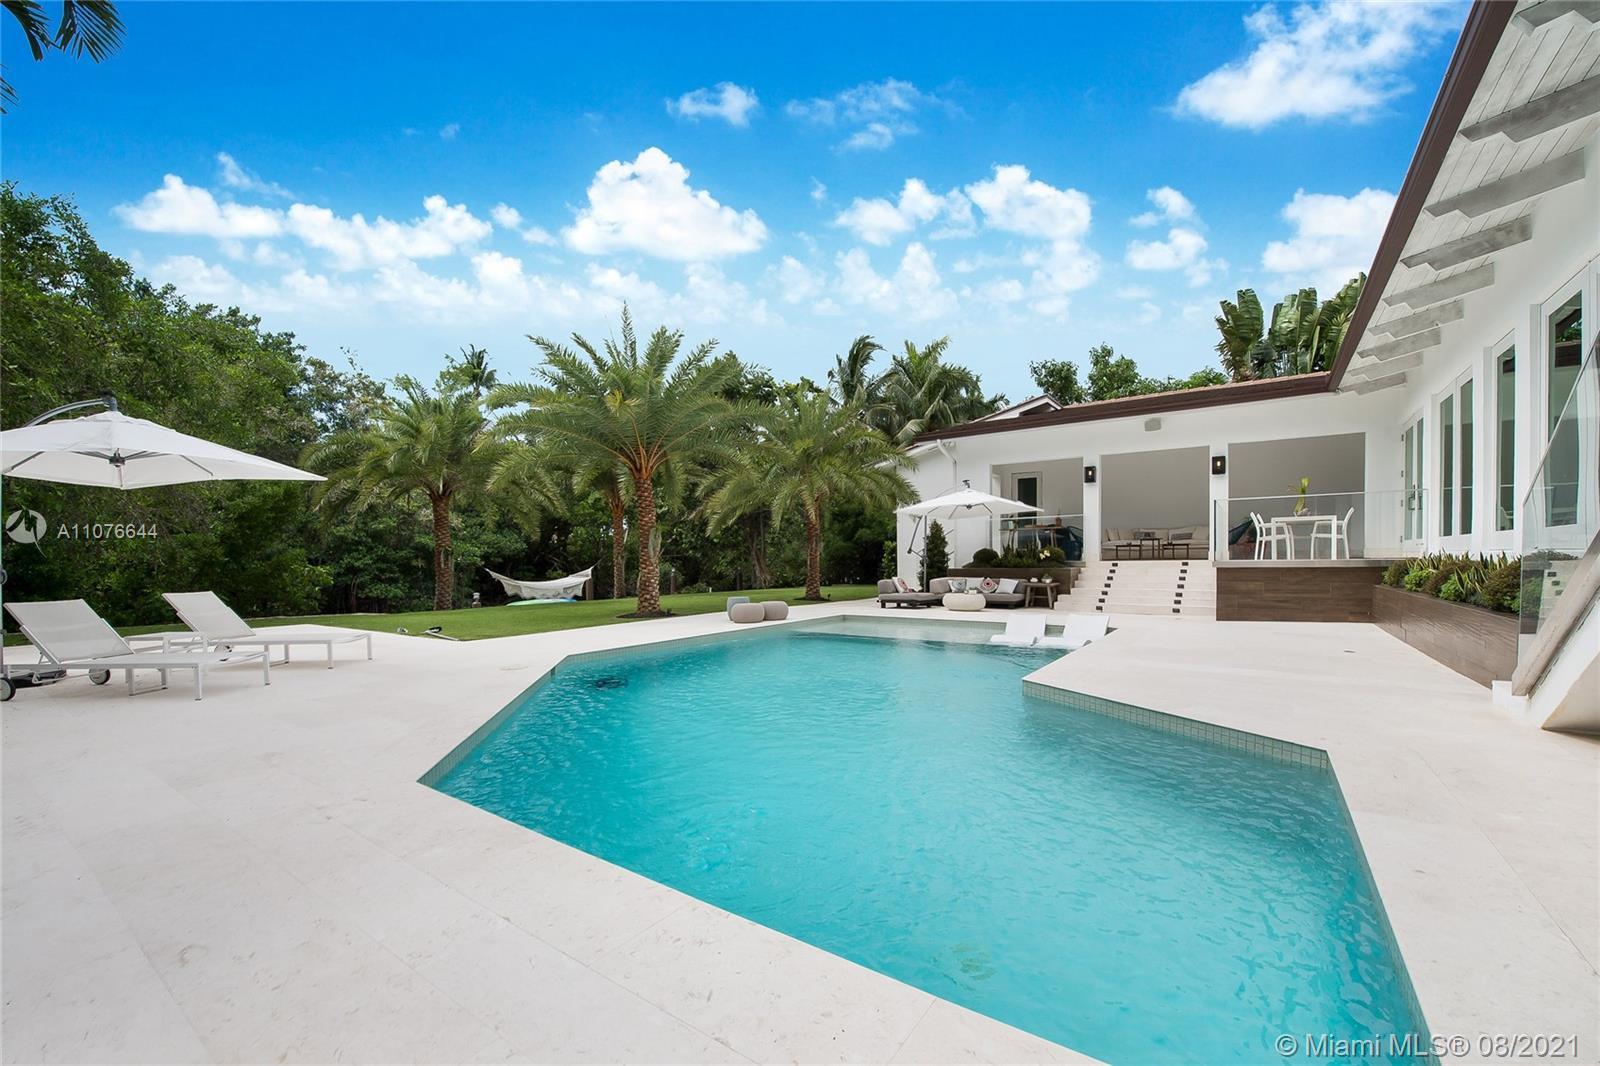 7233 Los Pinos Blvd, Coral Gables, Florida 33143